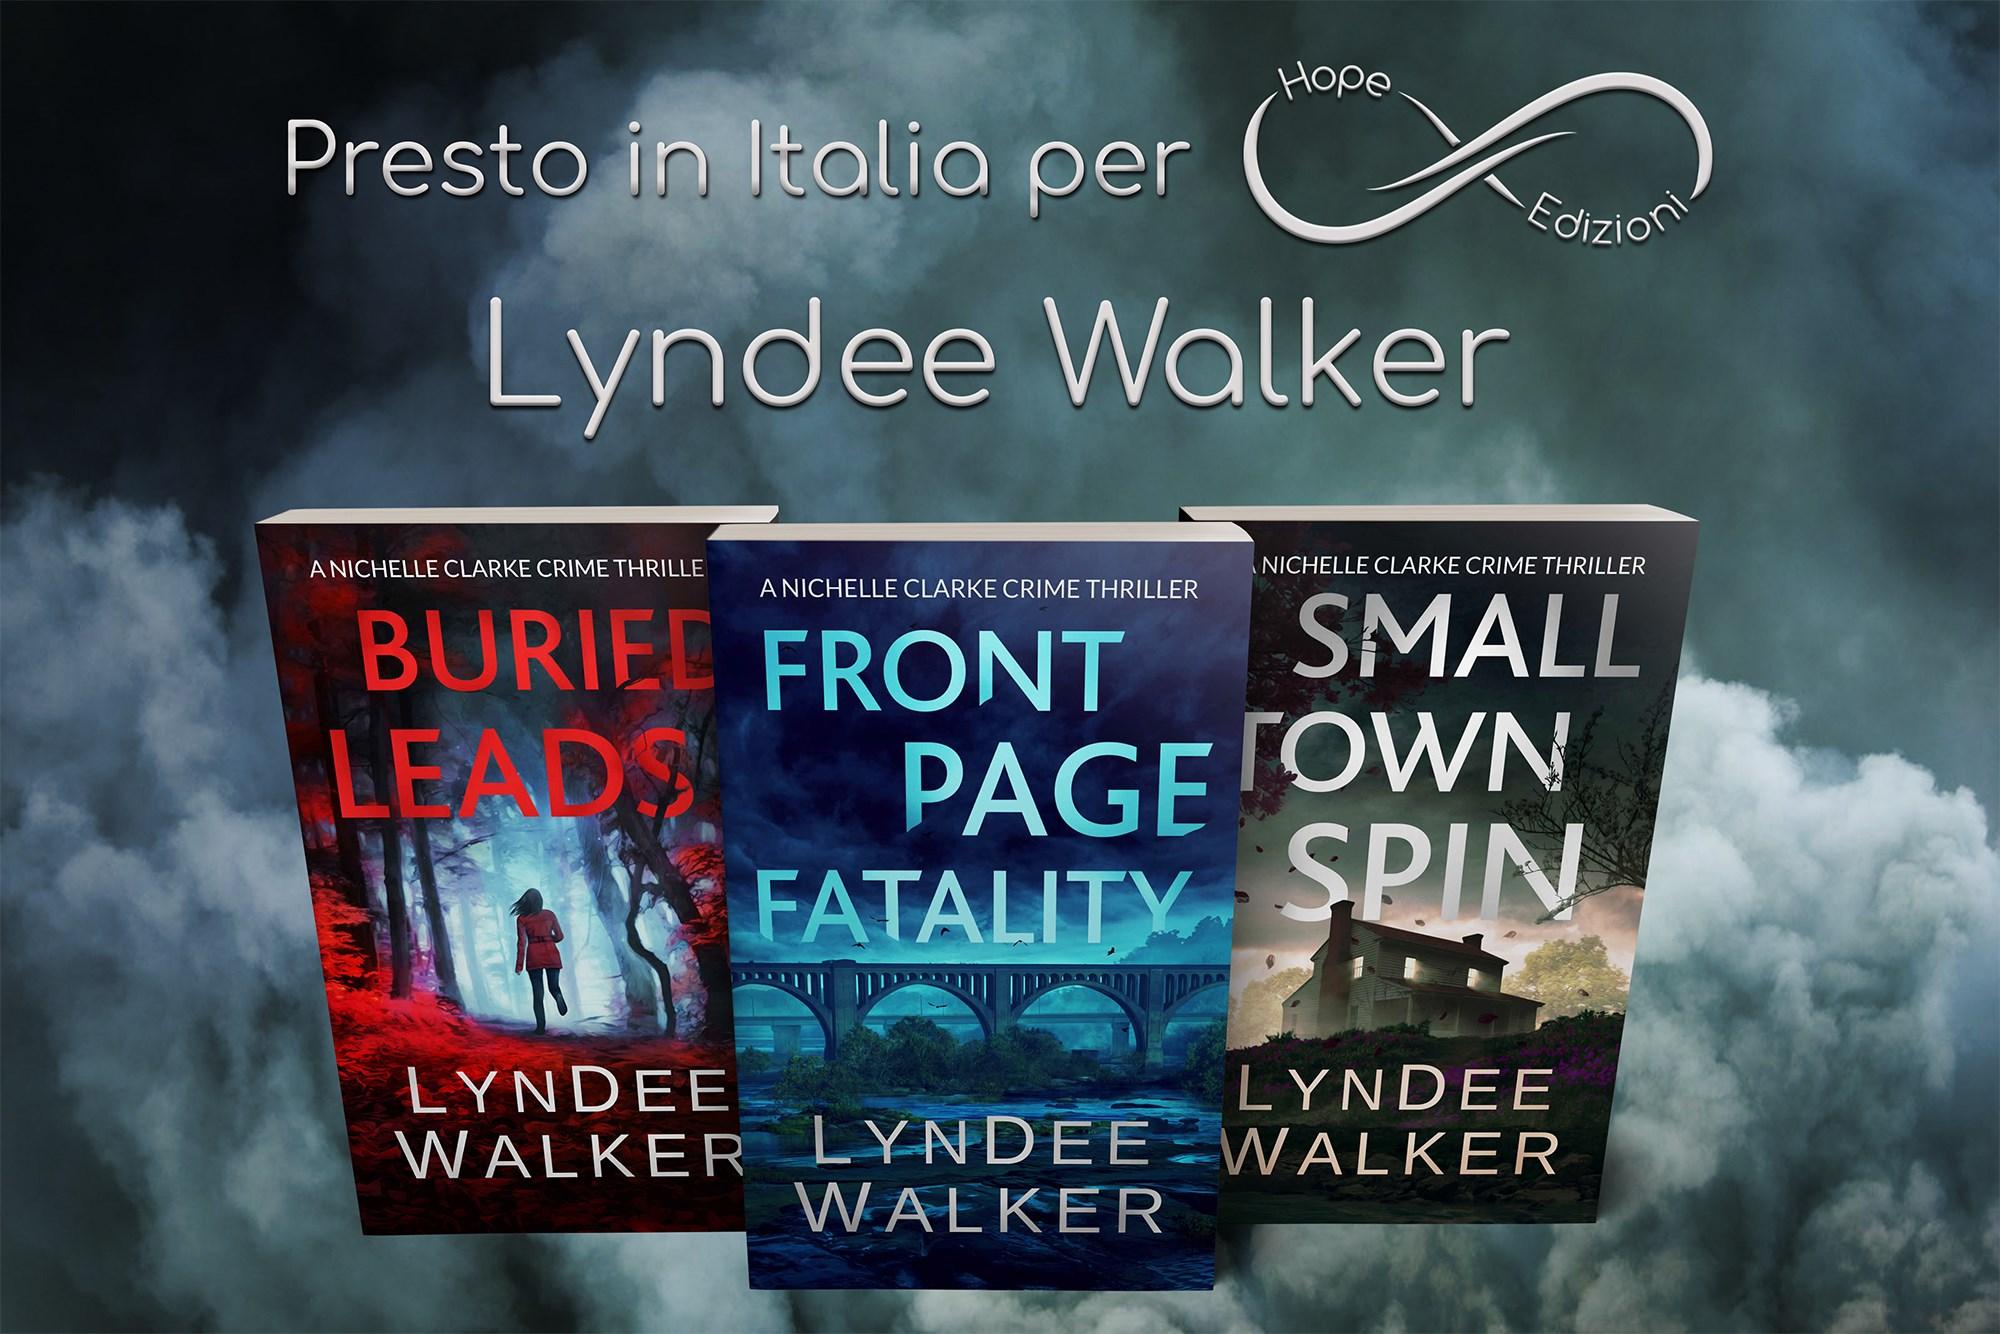 Presto in Italia… Lyndee Walker